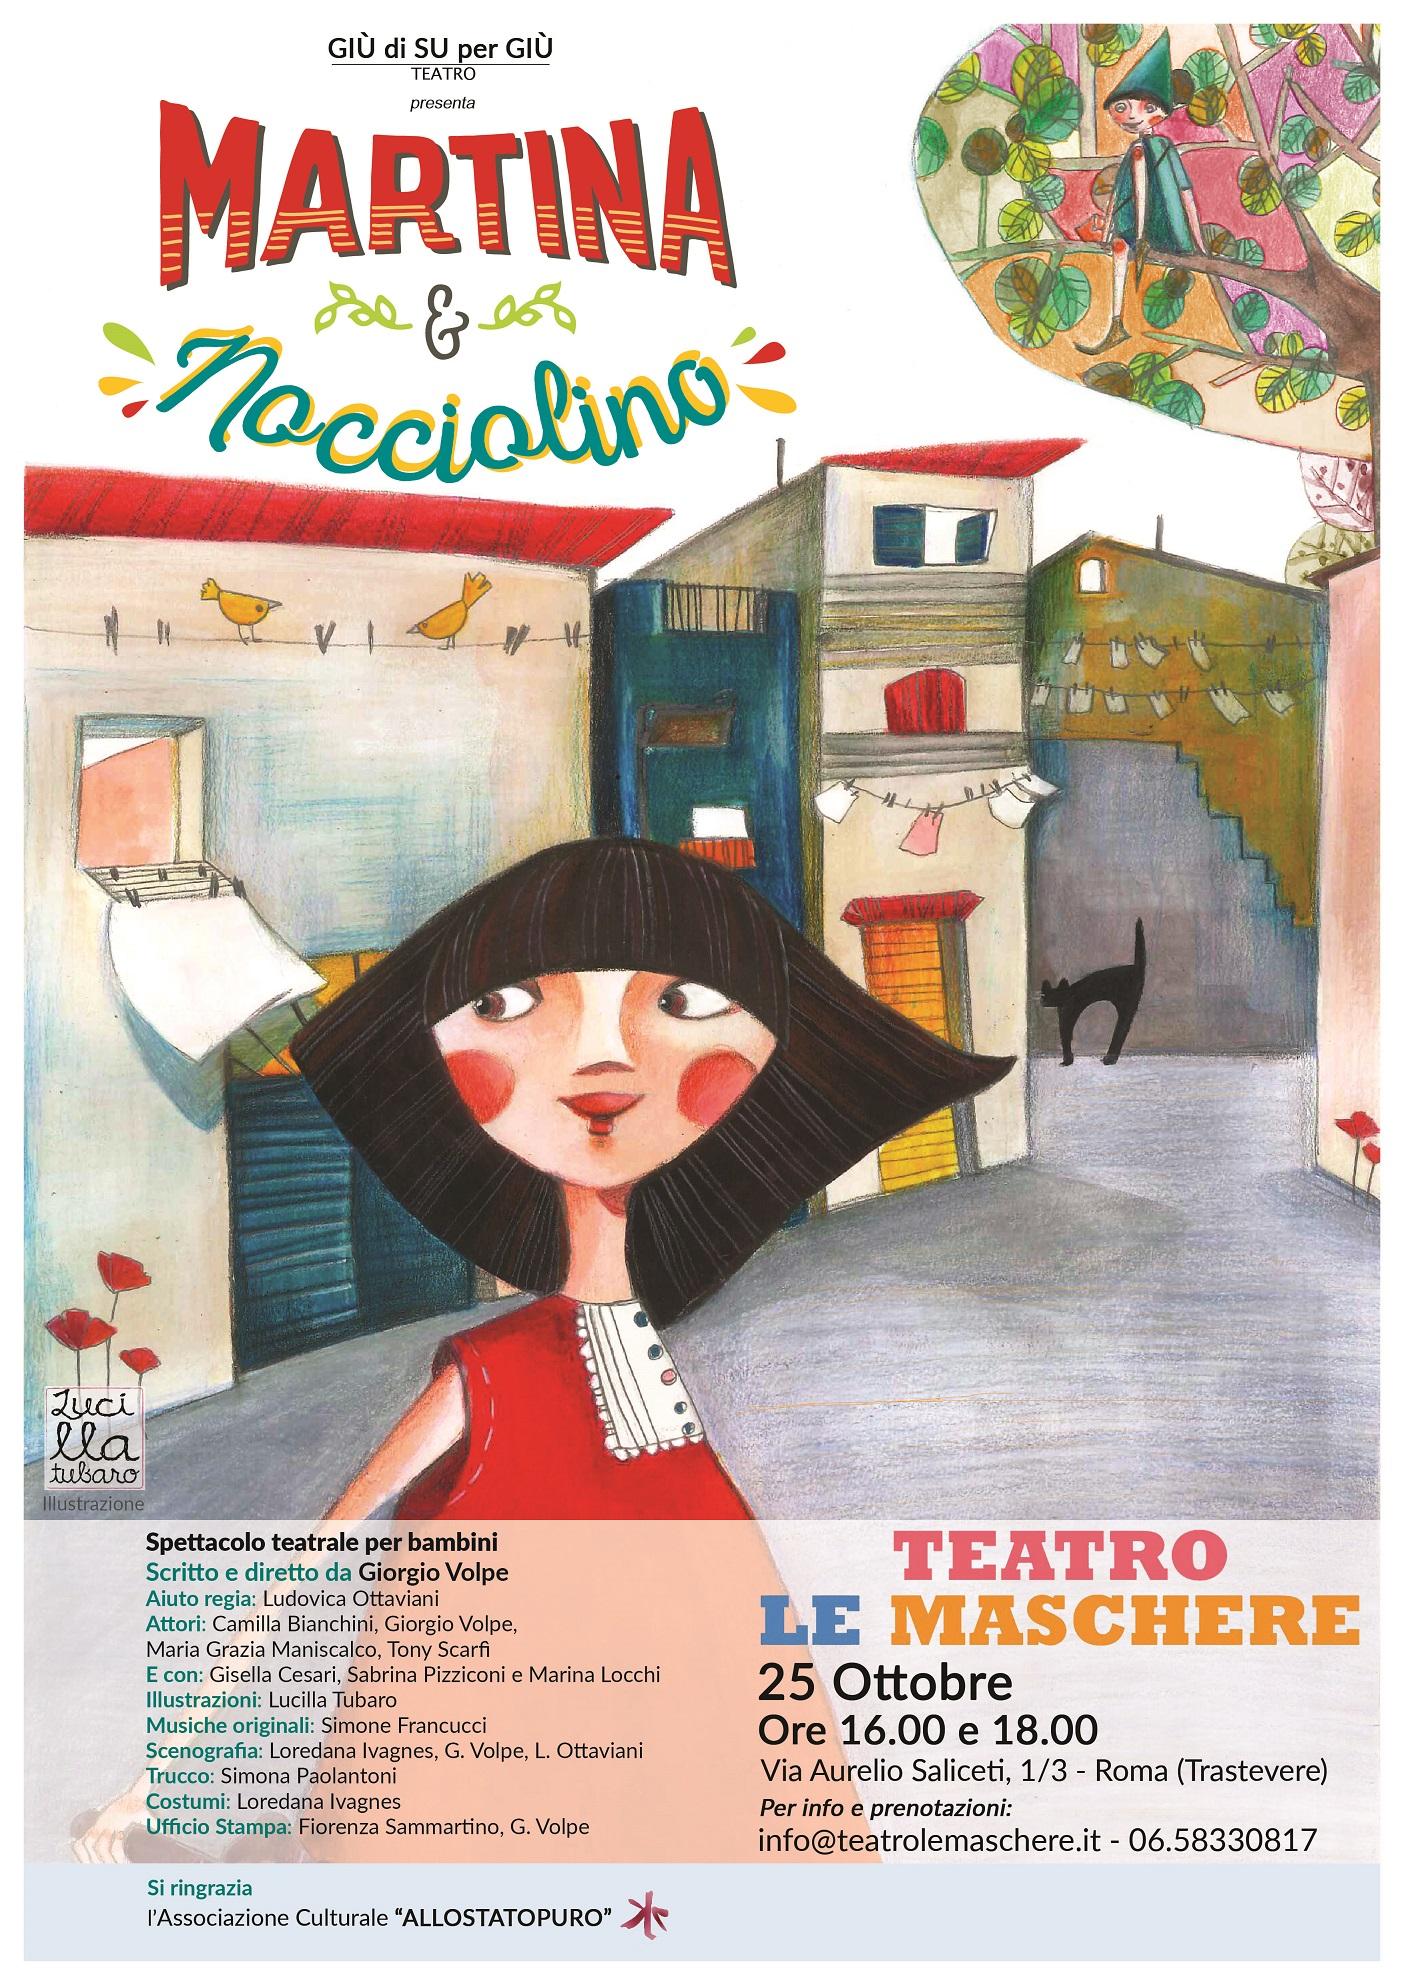 MARTINA & NOCCIOLINO